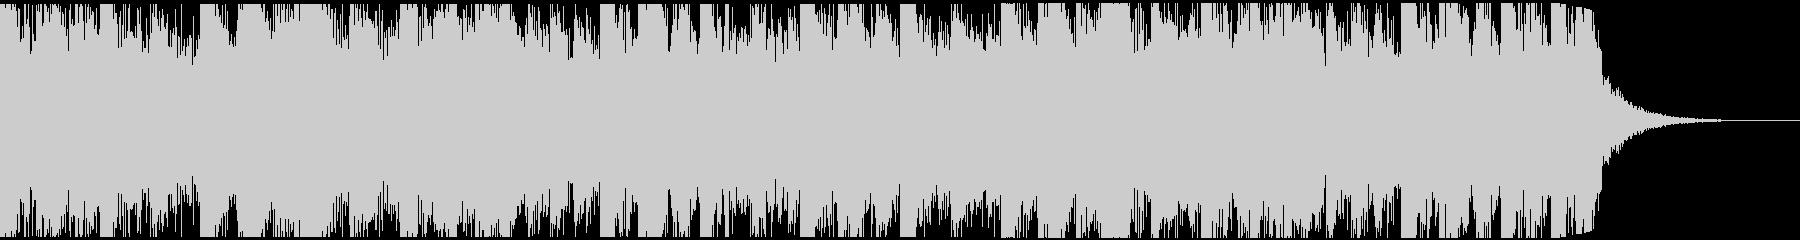 EDMオープニングジングル・サウンドロゴの未再生の波形